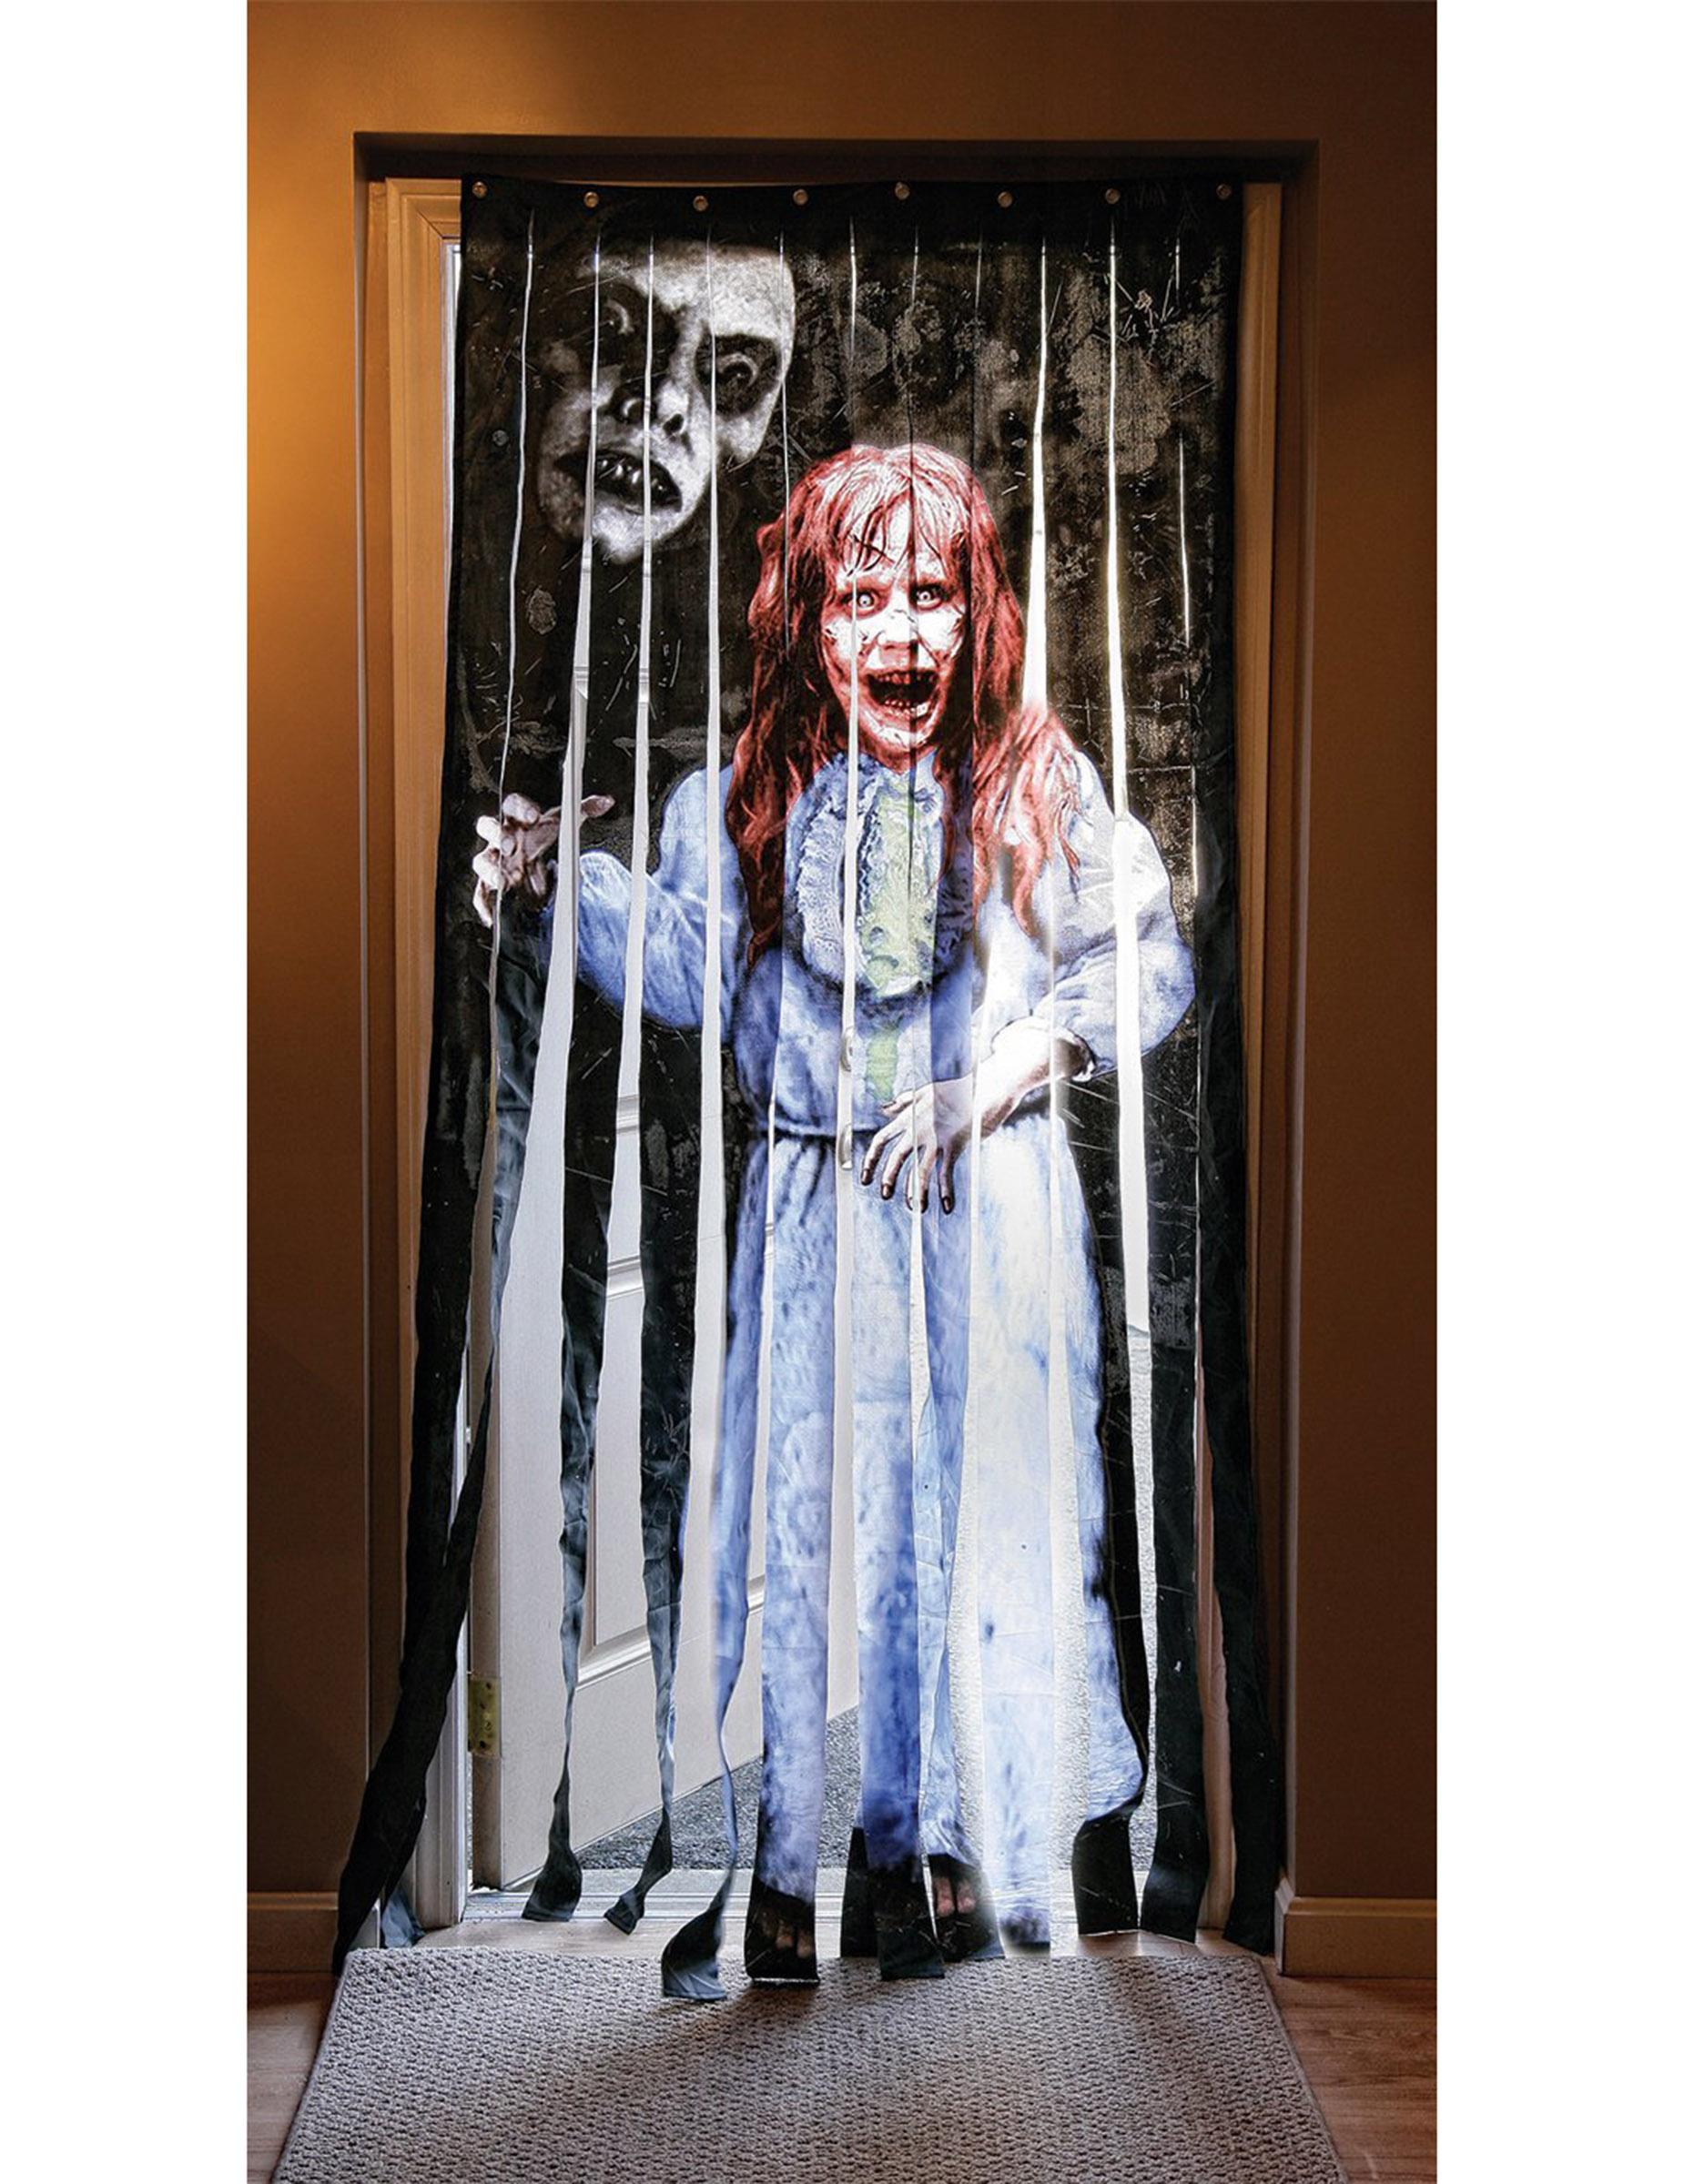 Rideau de porte exorciste halloween d coration for Decoration de porte halloween